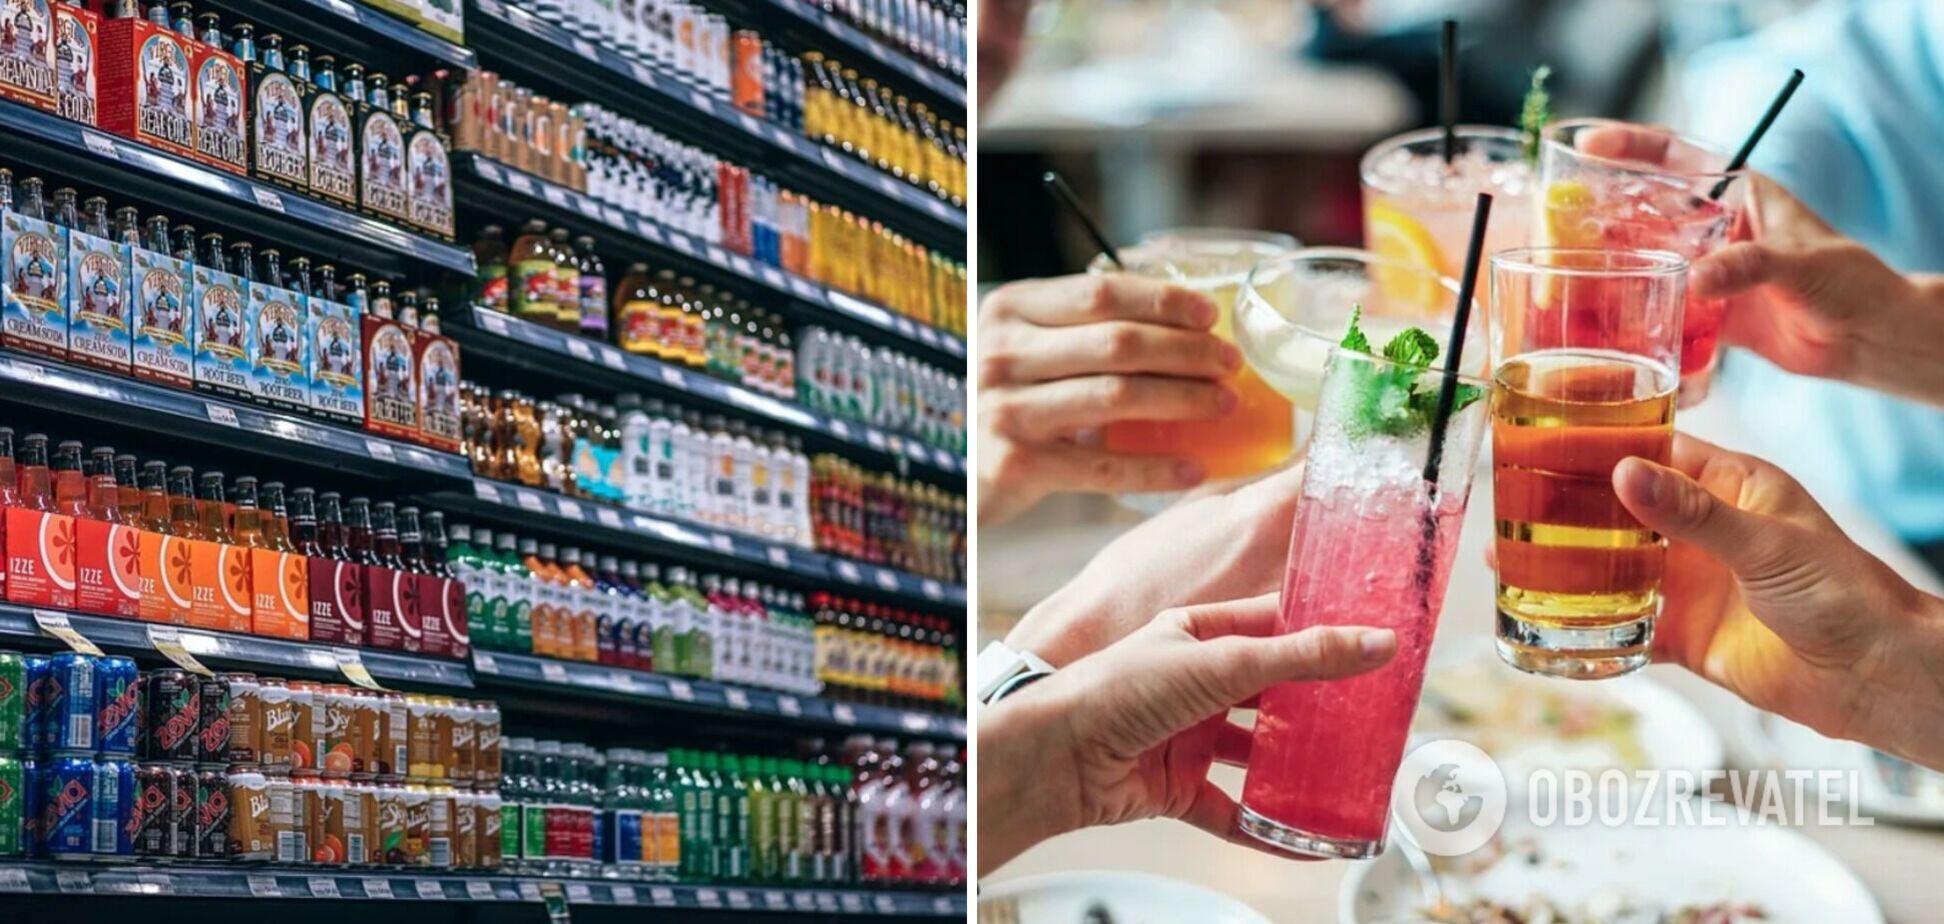 Названі 5 напоїв, від яких варто відмовитися після 40 років